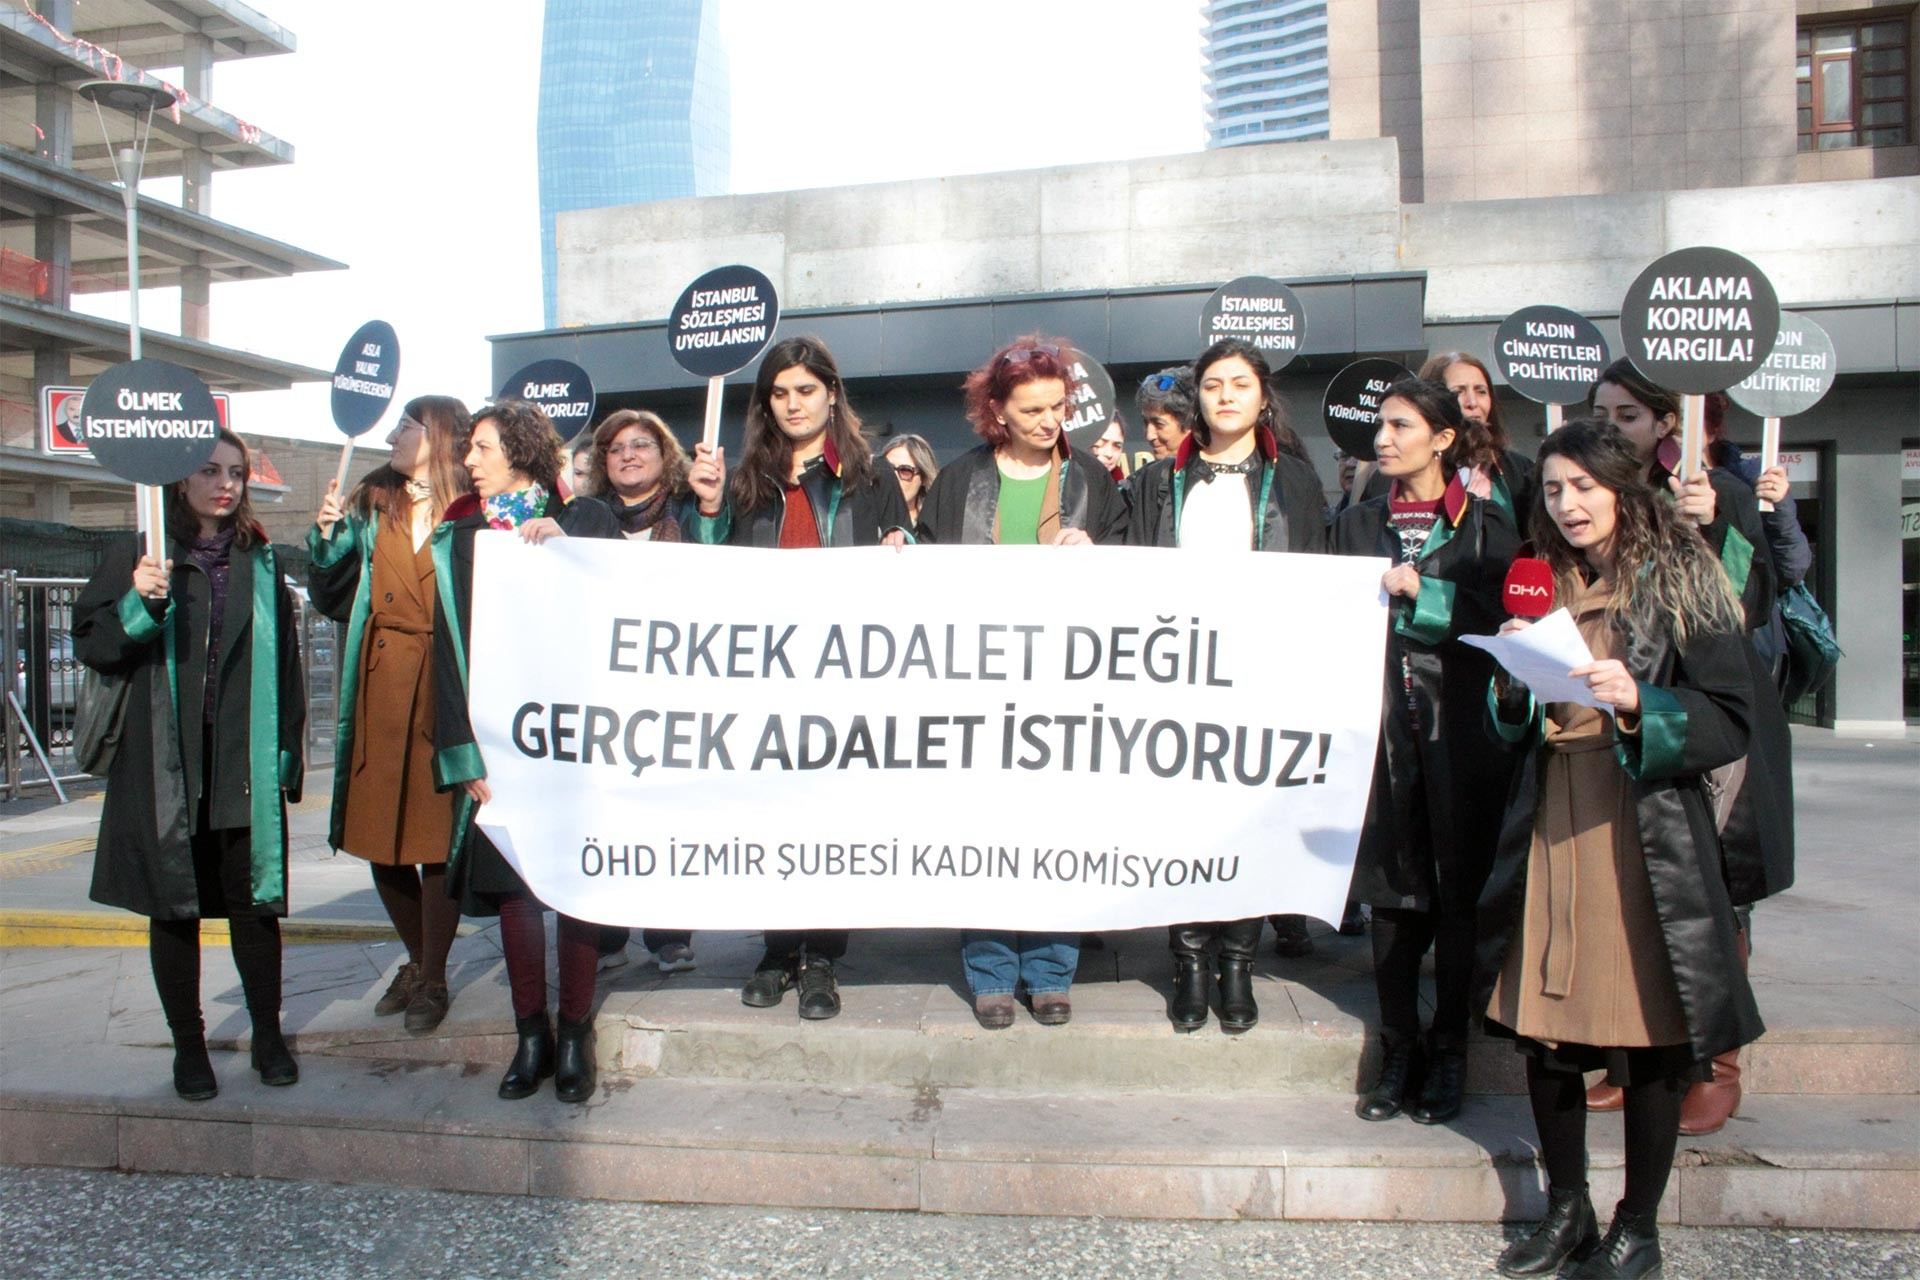 Erkek adalet değil, gerçek adalet istiyoruz yazılı pankart taşıyan kadın avukatlar